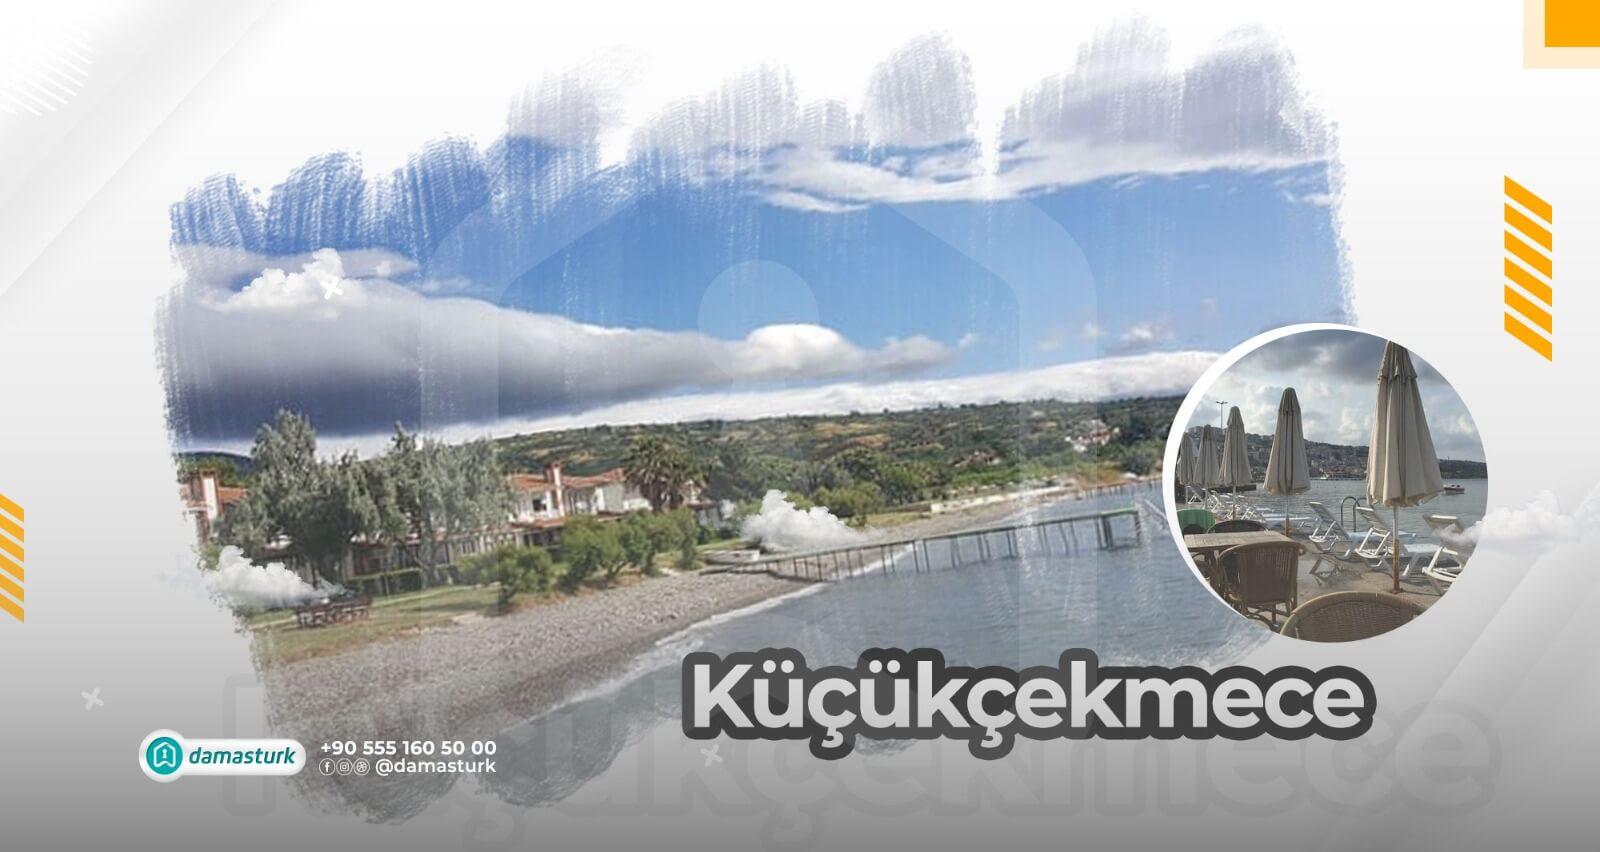 Discover Küçükçekmece's most significant tourist and recreational destinations 2021